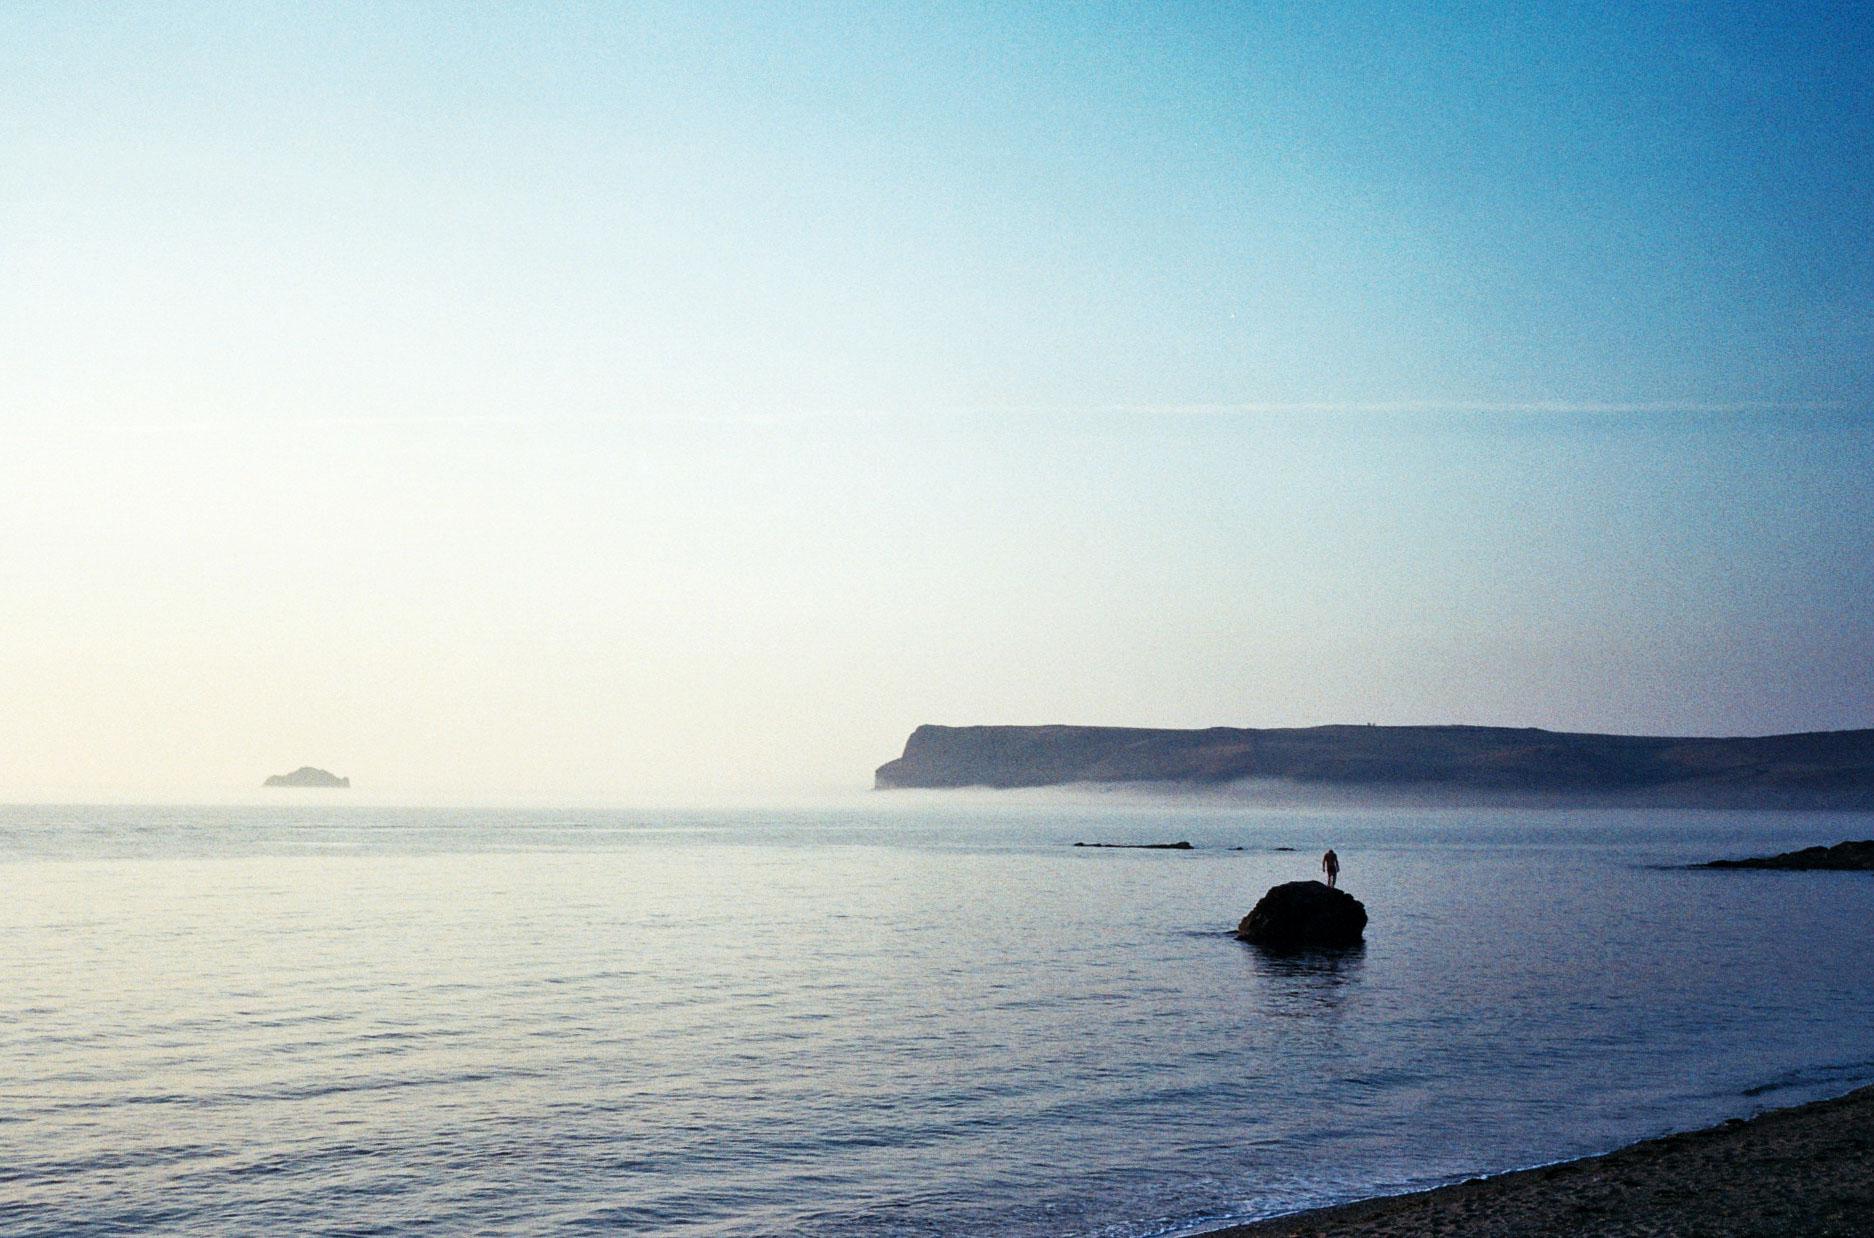 lone man stood on rock in sea